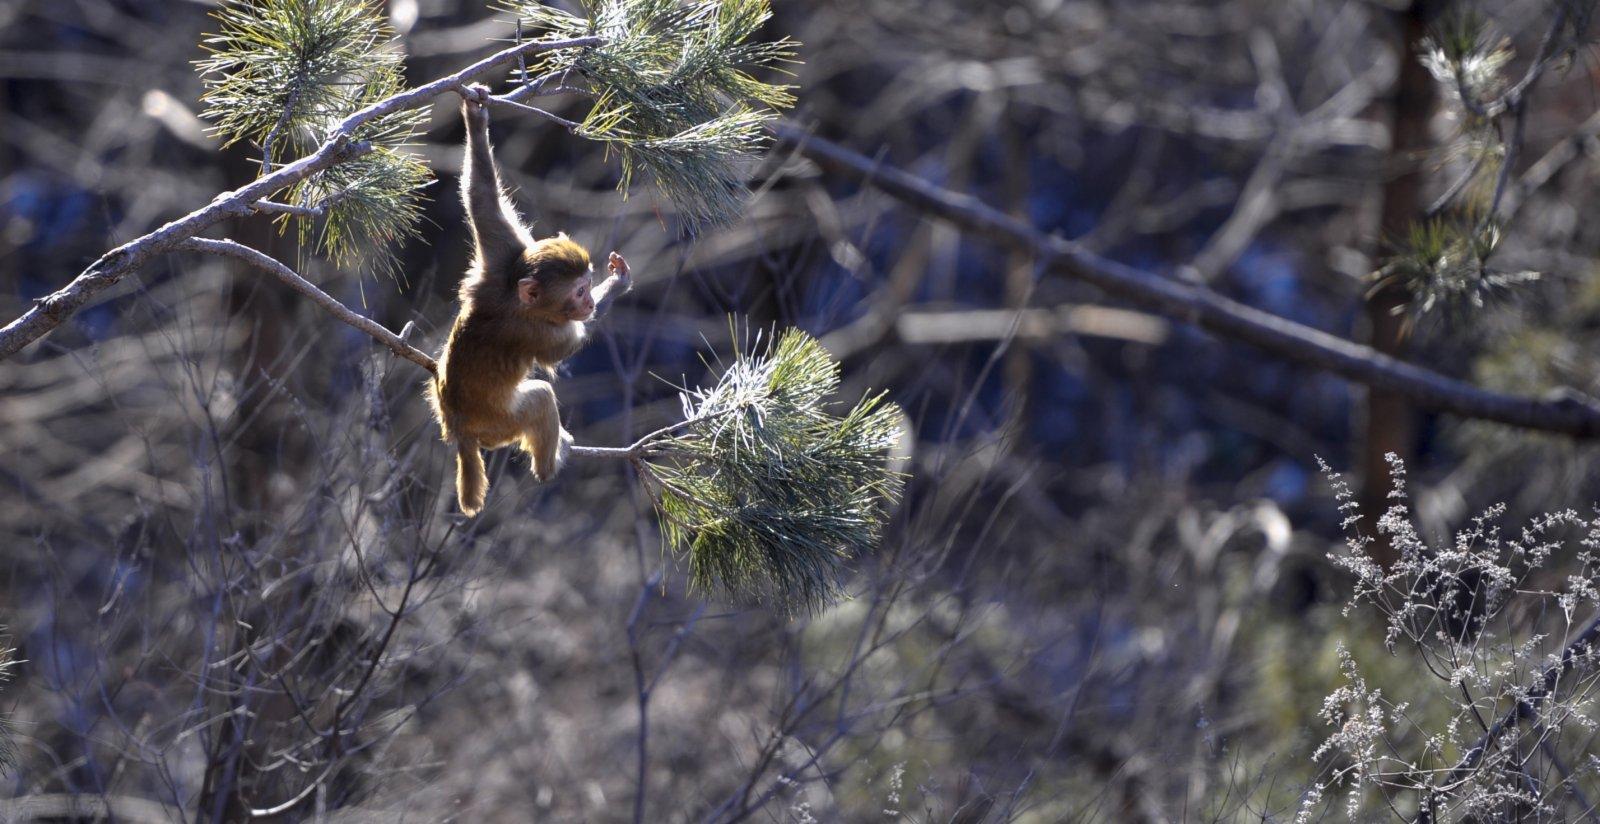 在雙灤區雙塔山景區,一隻獼猴在樹上玩耍。(新華社)